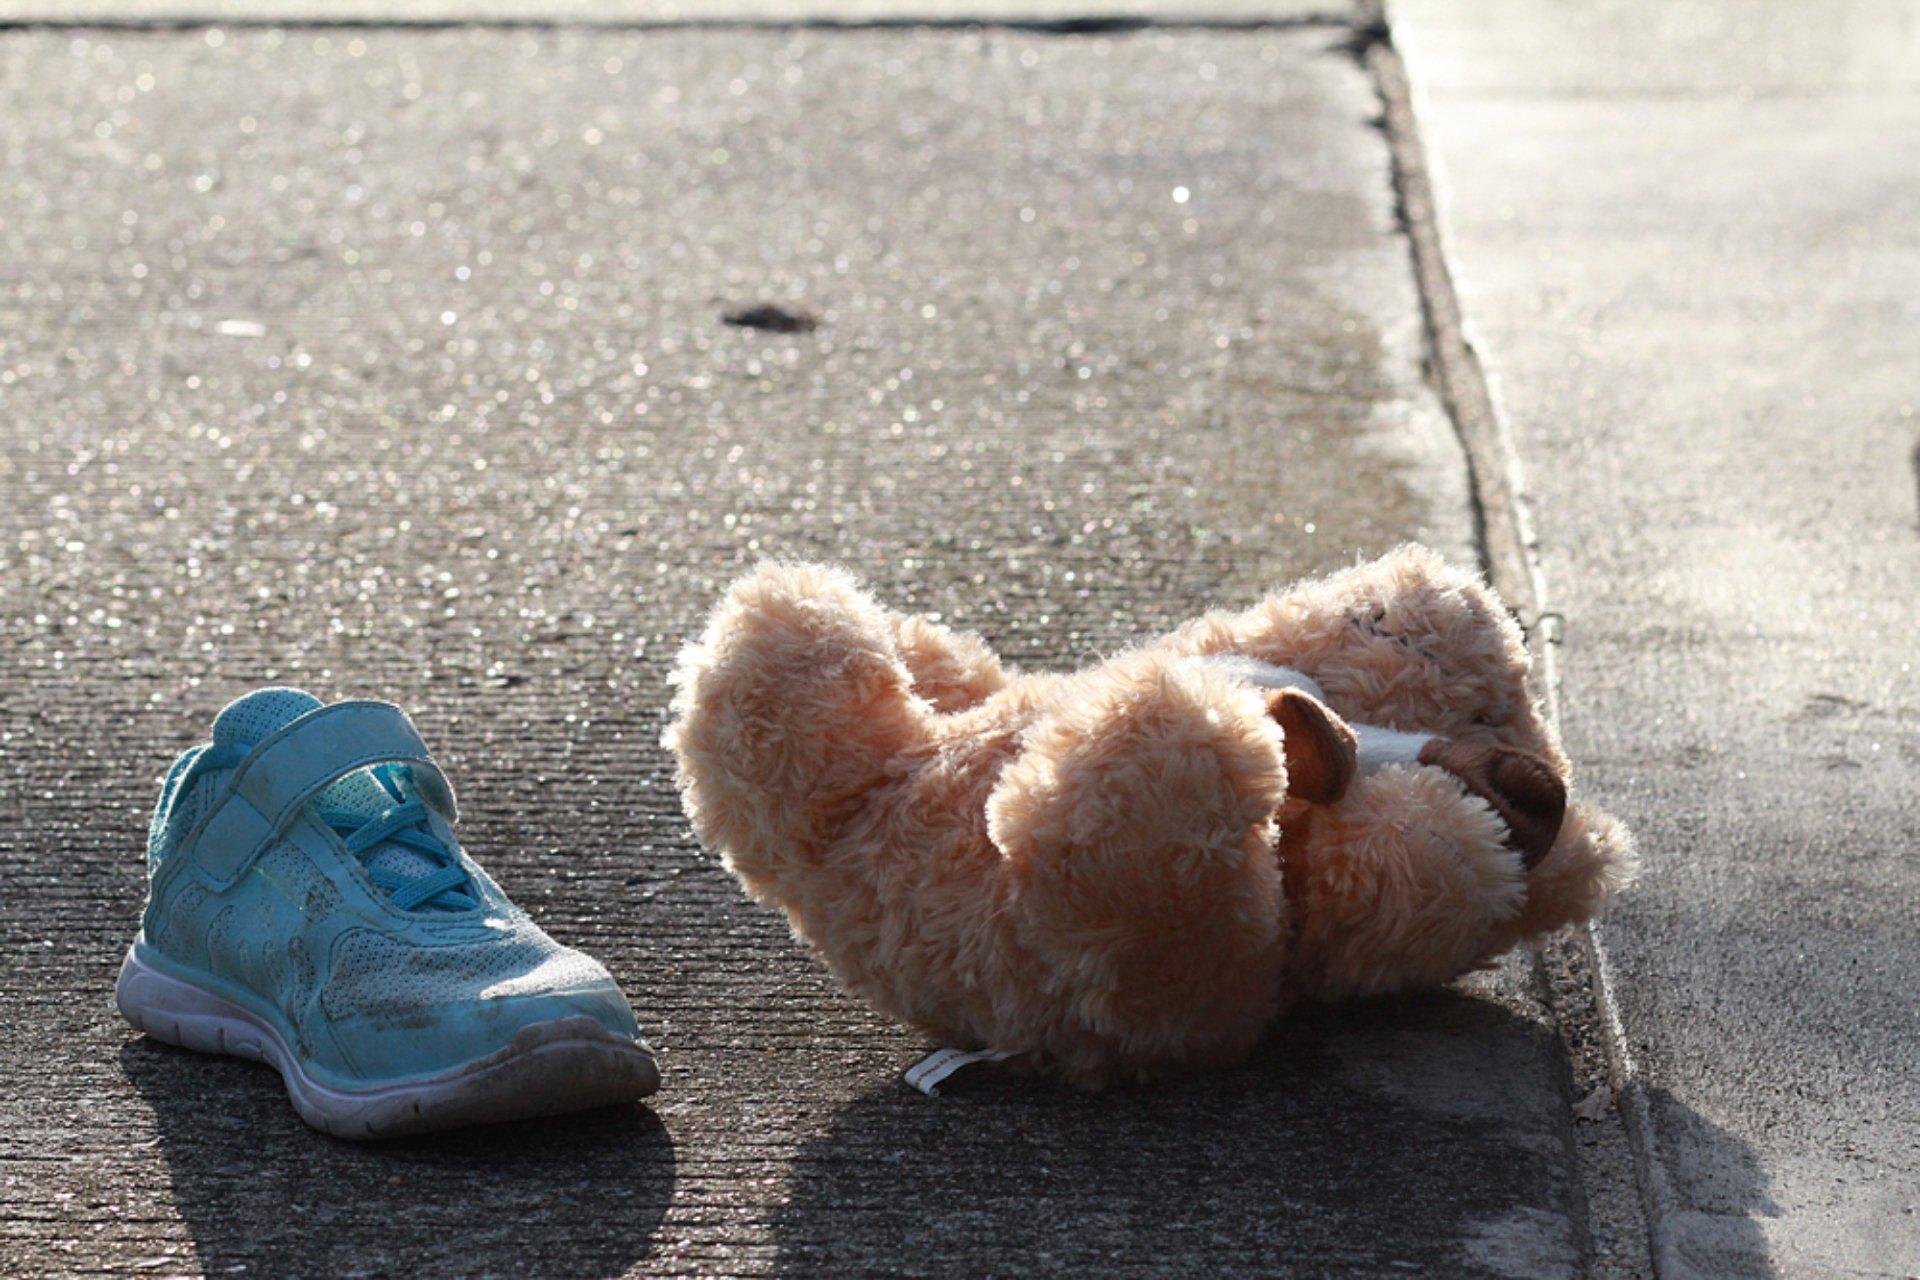 Oso y zapatilla niña en calle.jpg